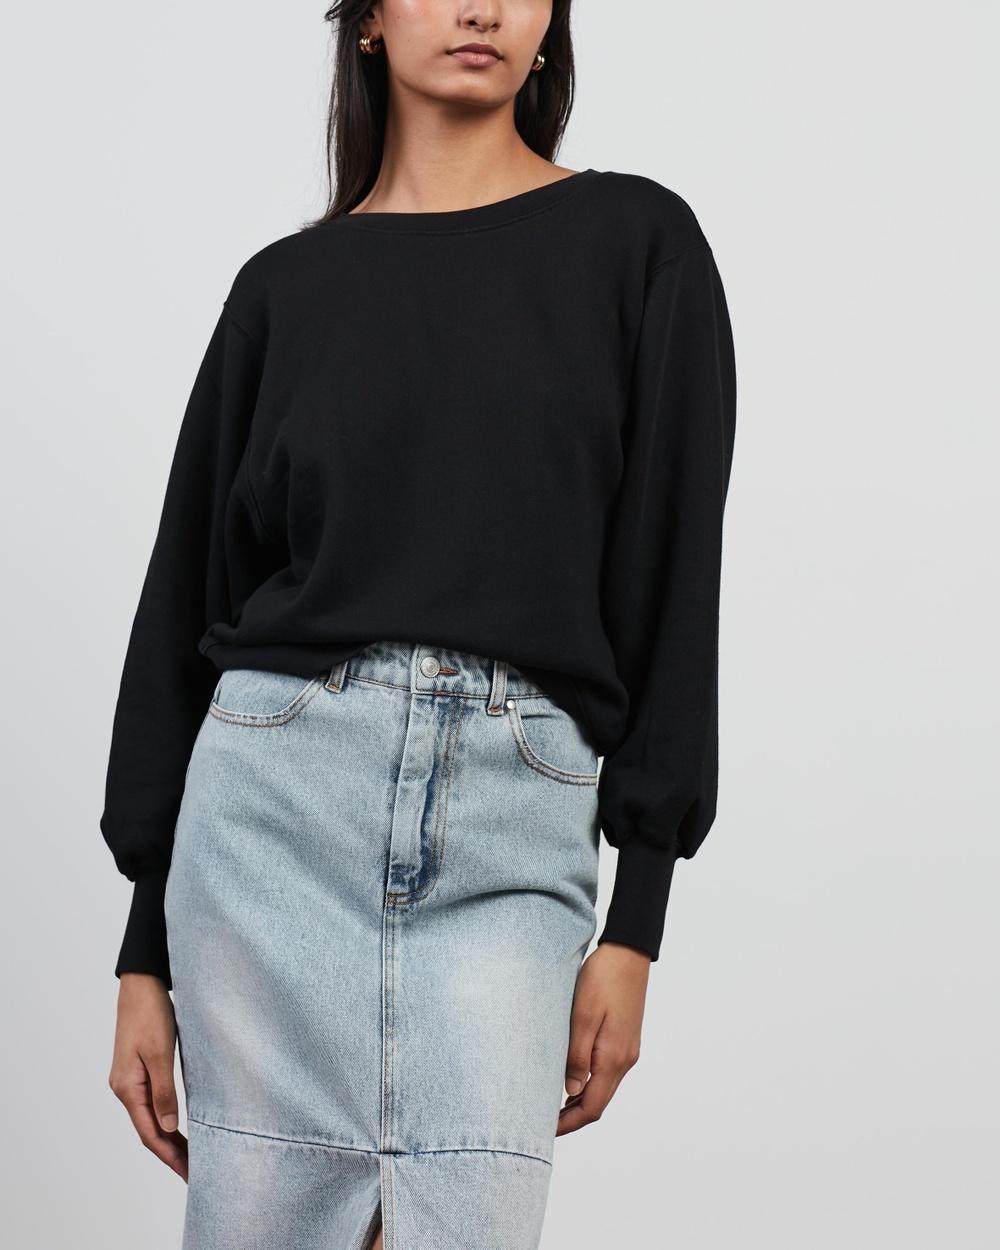 American Vintage Fobye Sweatshirt Jumpers & Cardigans Vintage Black